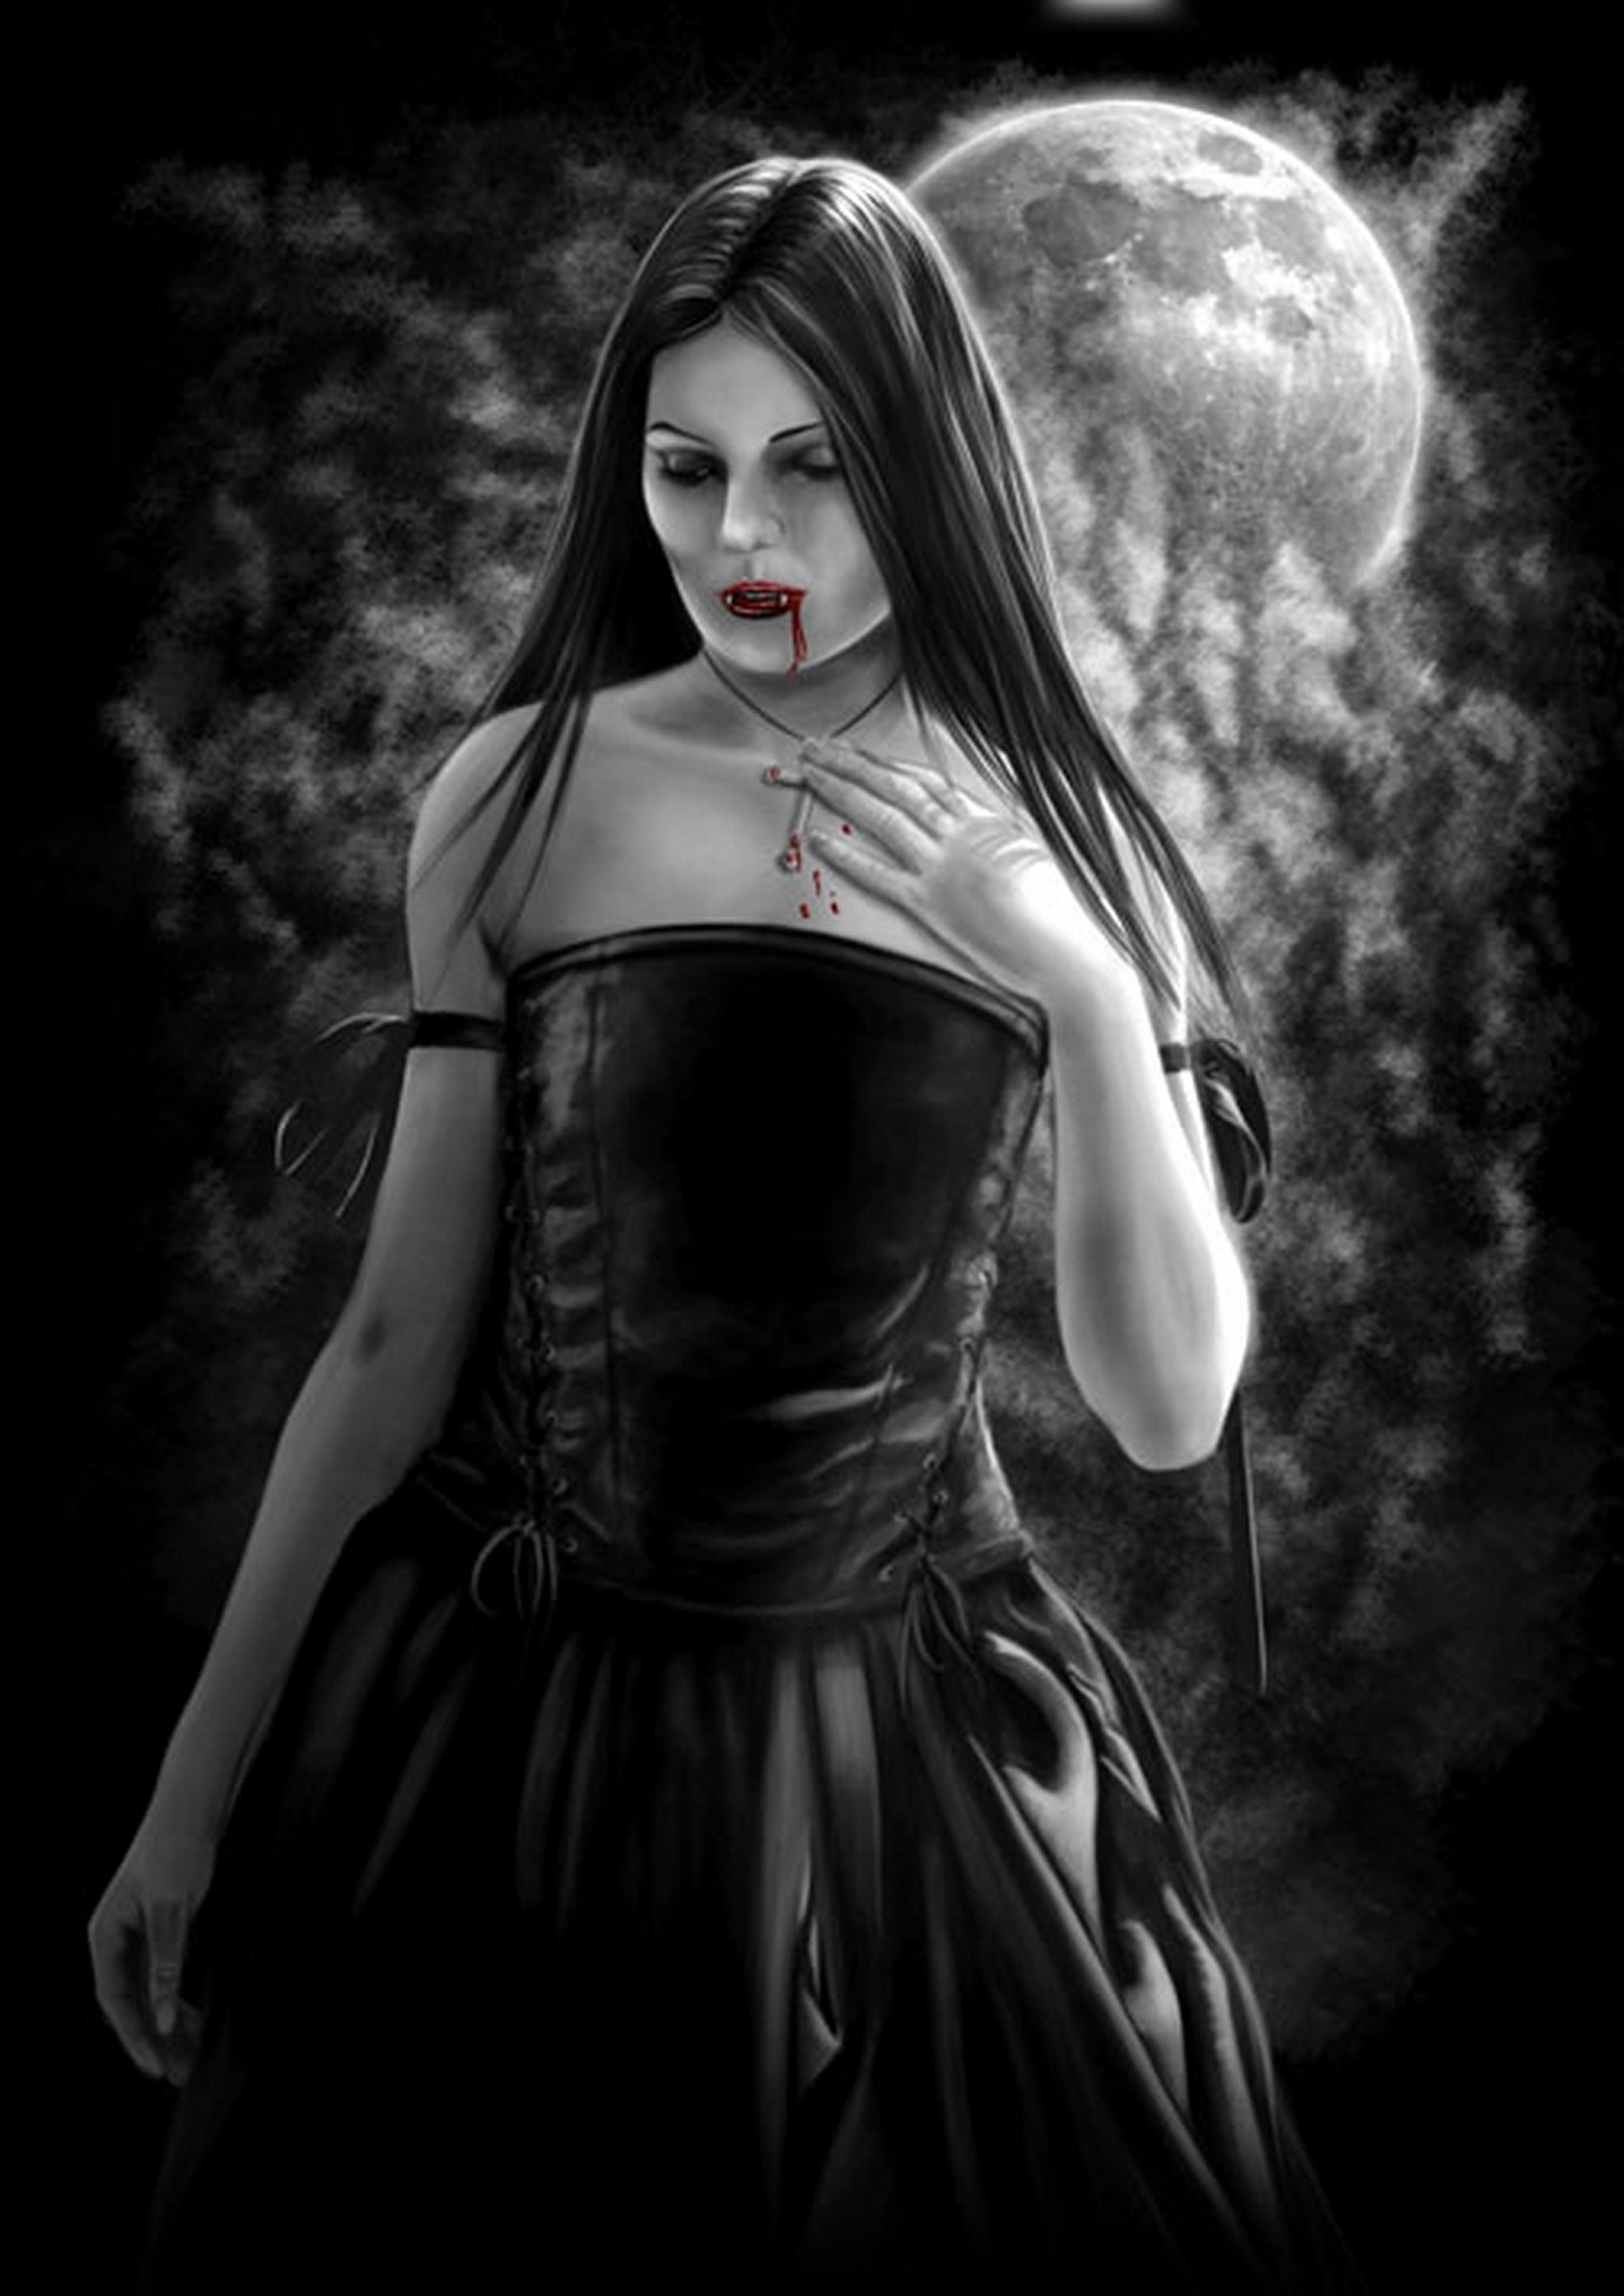 Hot female vampires photos fucks scenes